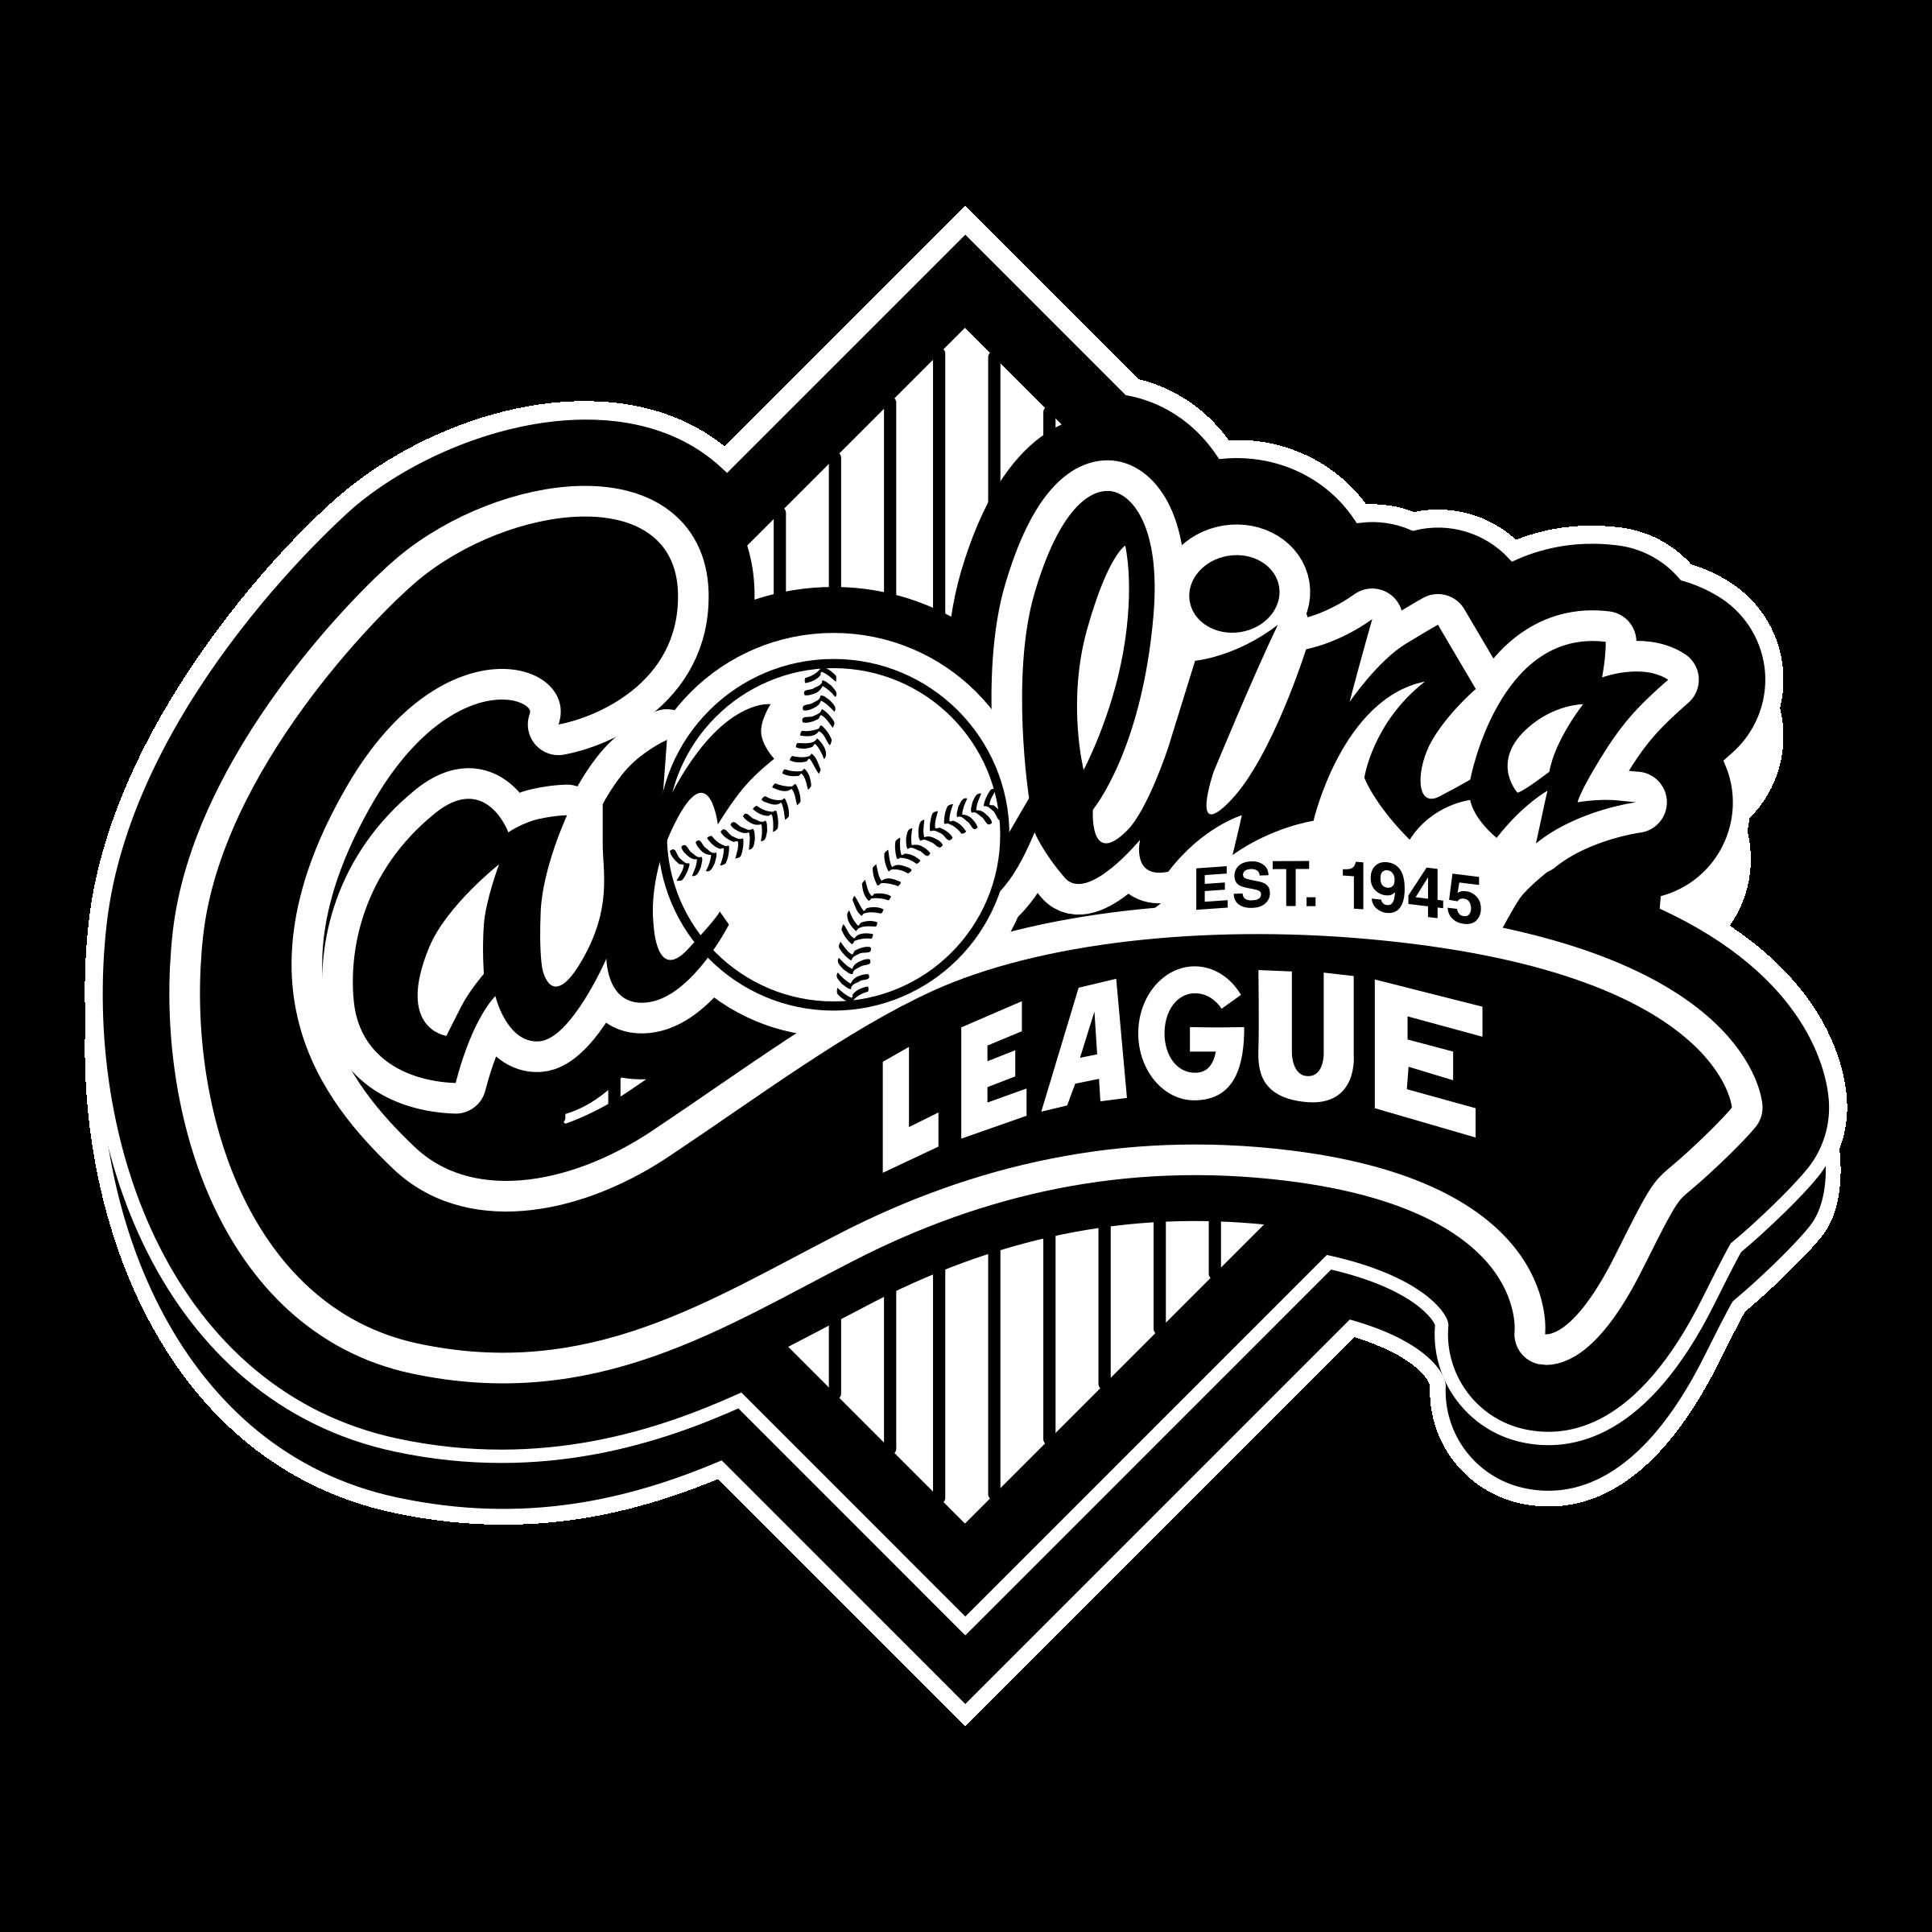 Carolina League Logo PNG Transparent & SVG Vector.